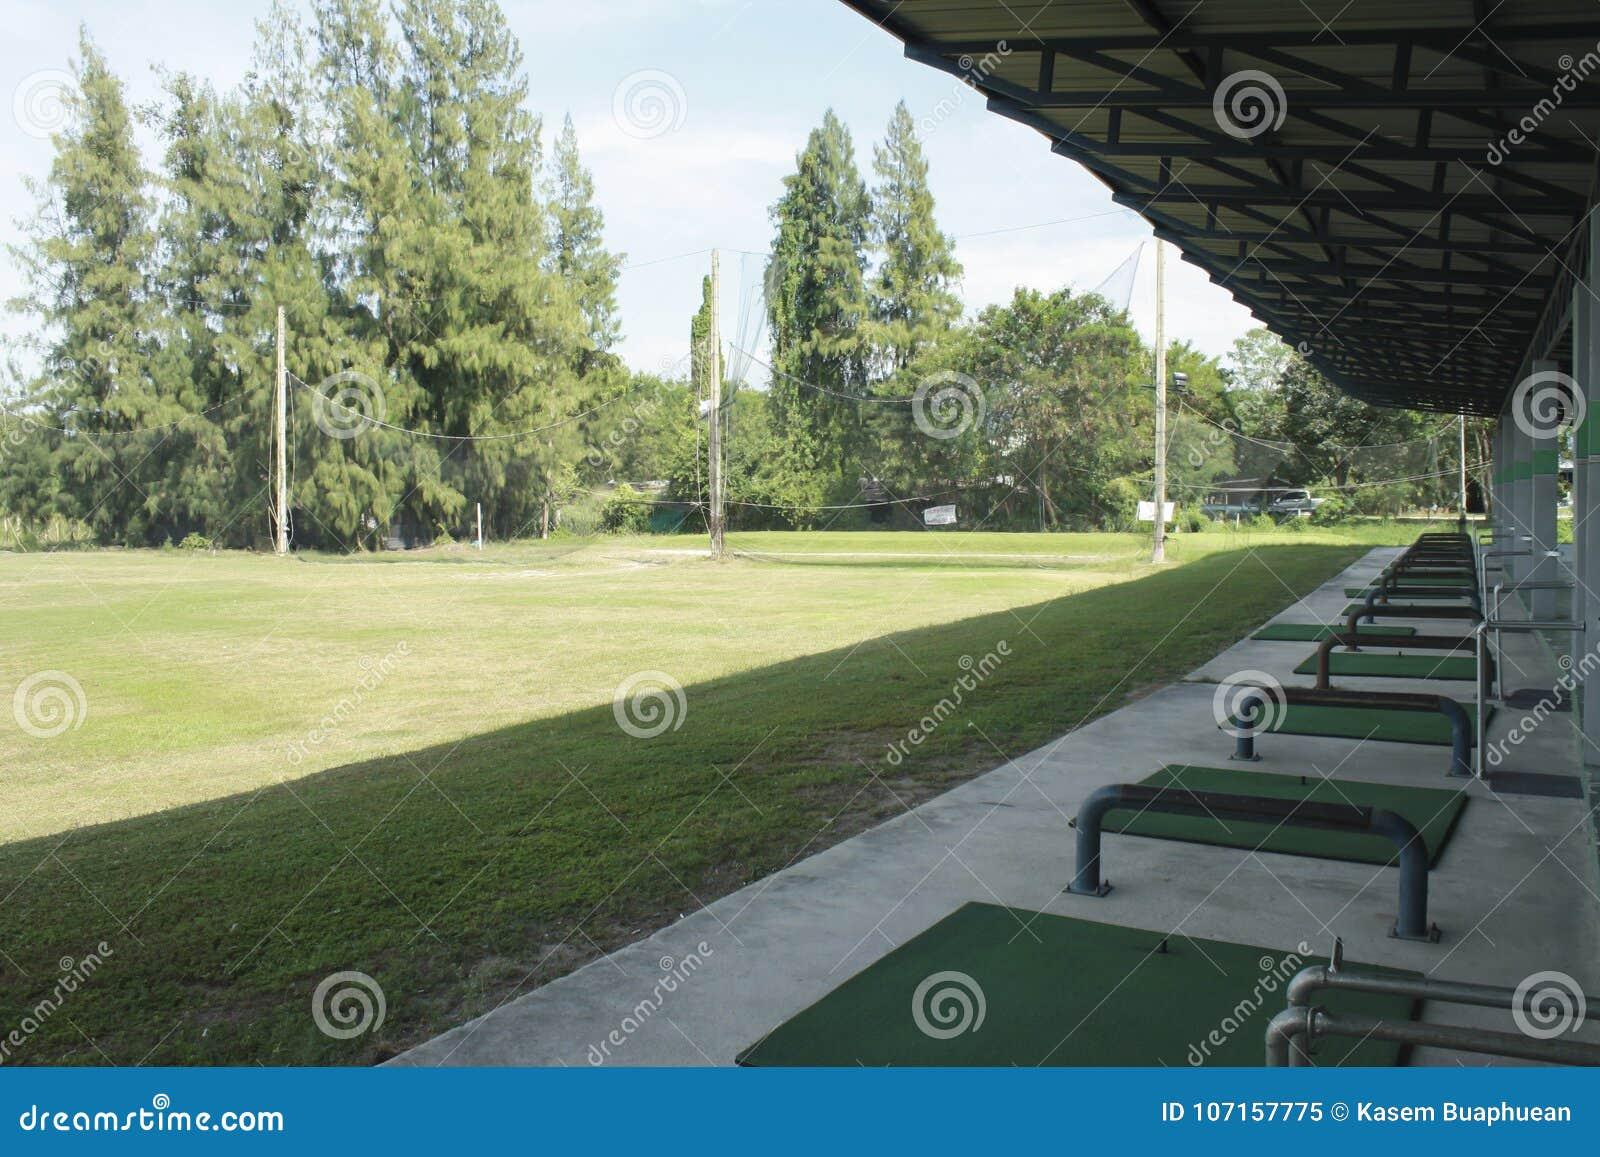 高尔夫球场和高尔夫球在开车范围,高尔夫球场的看法